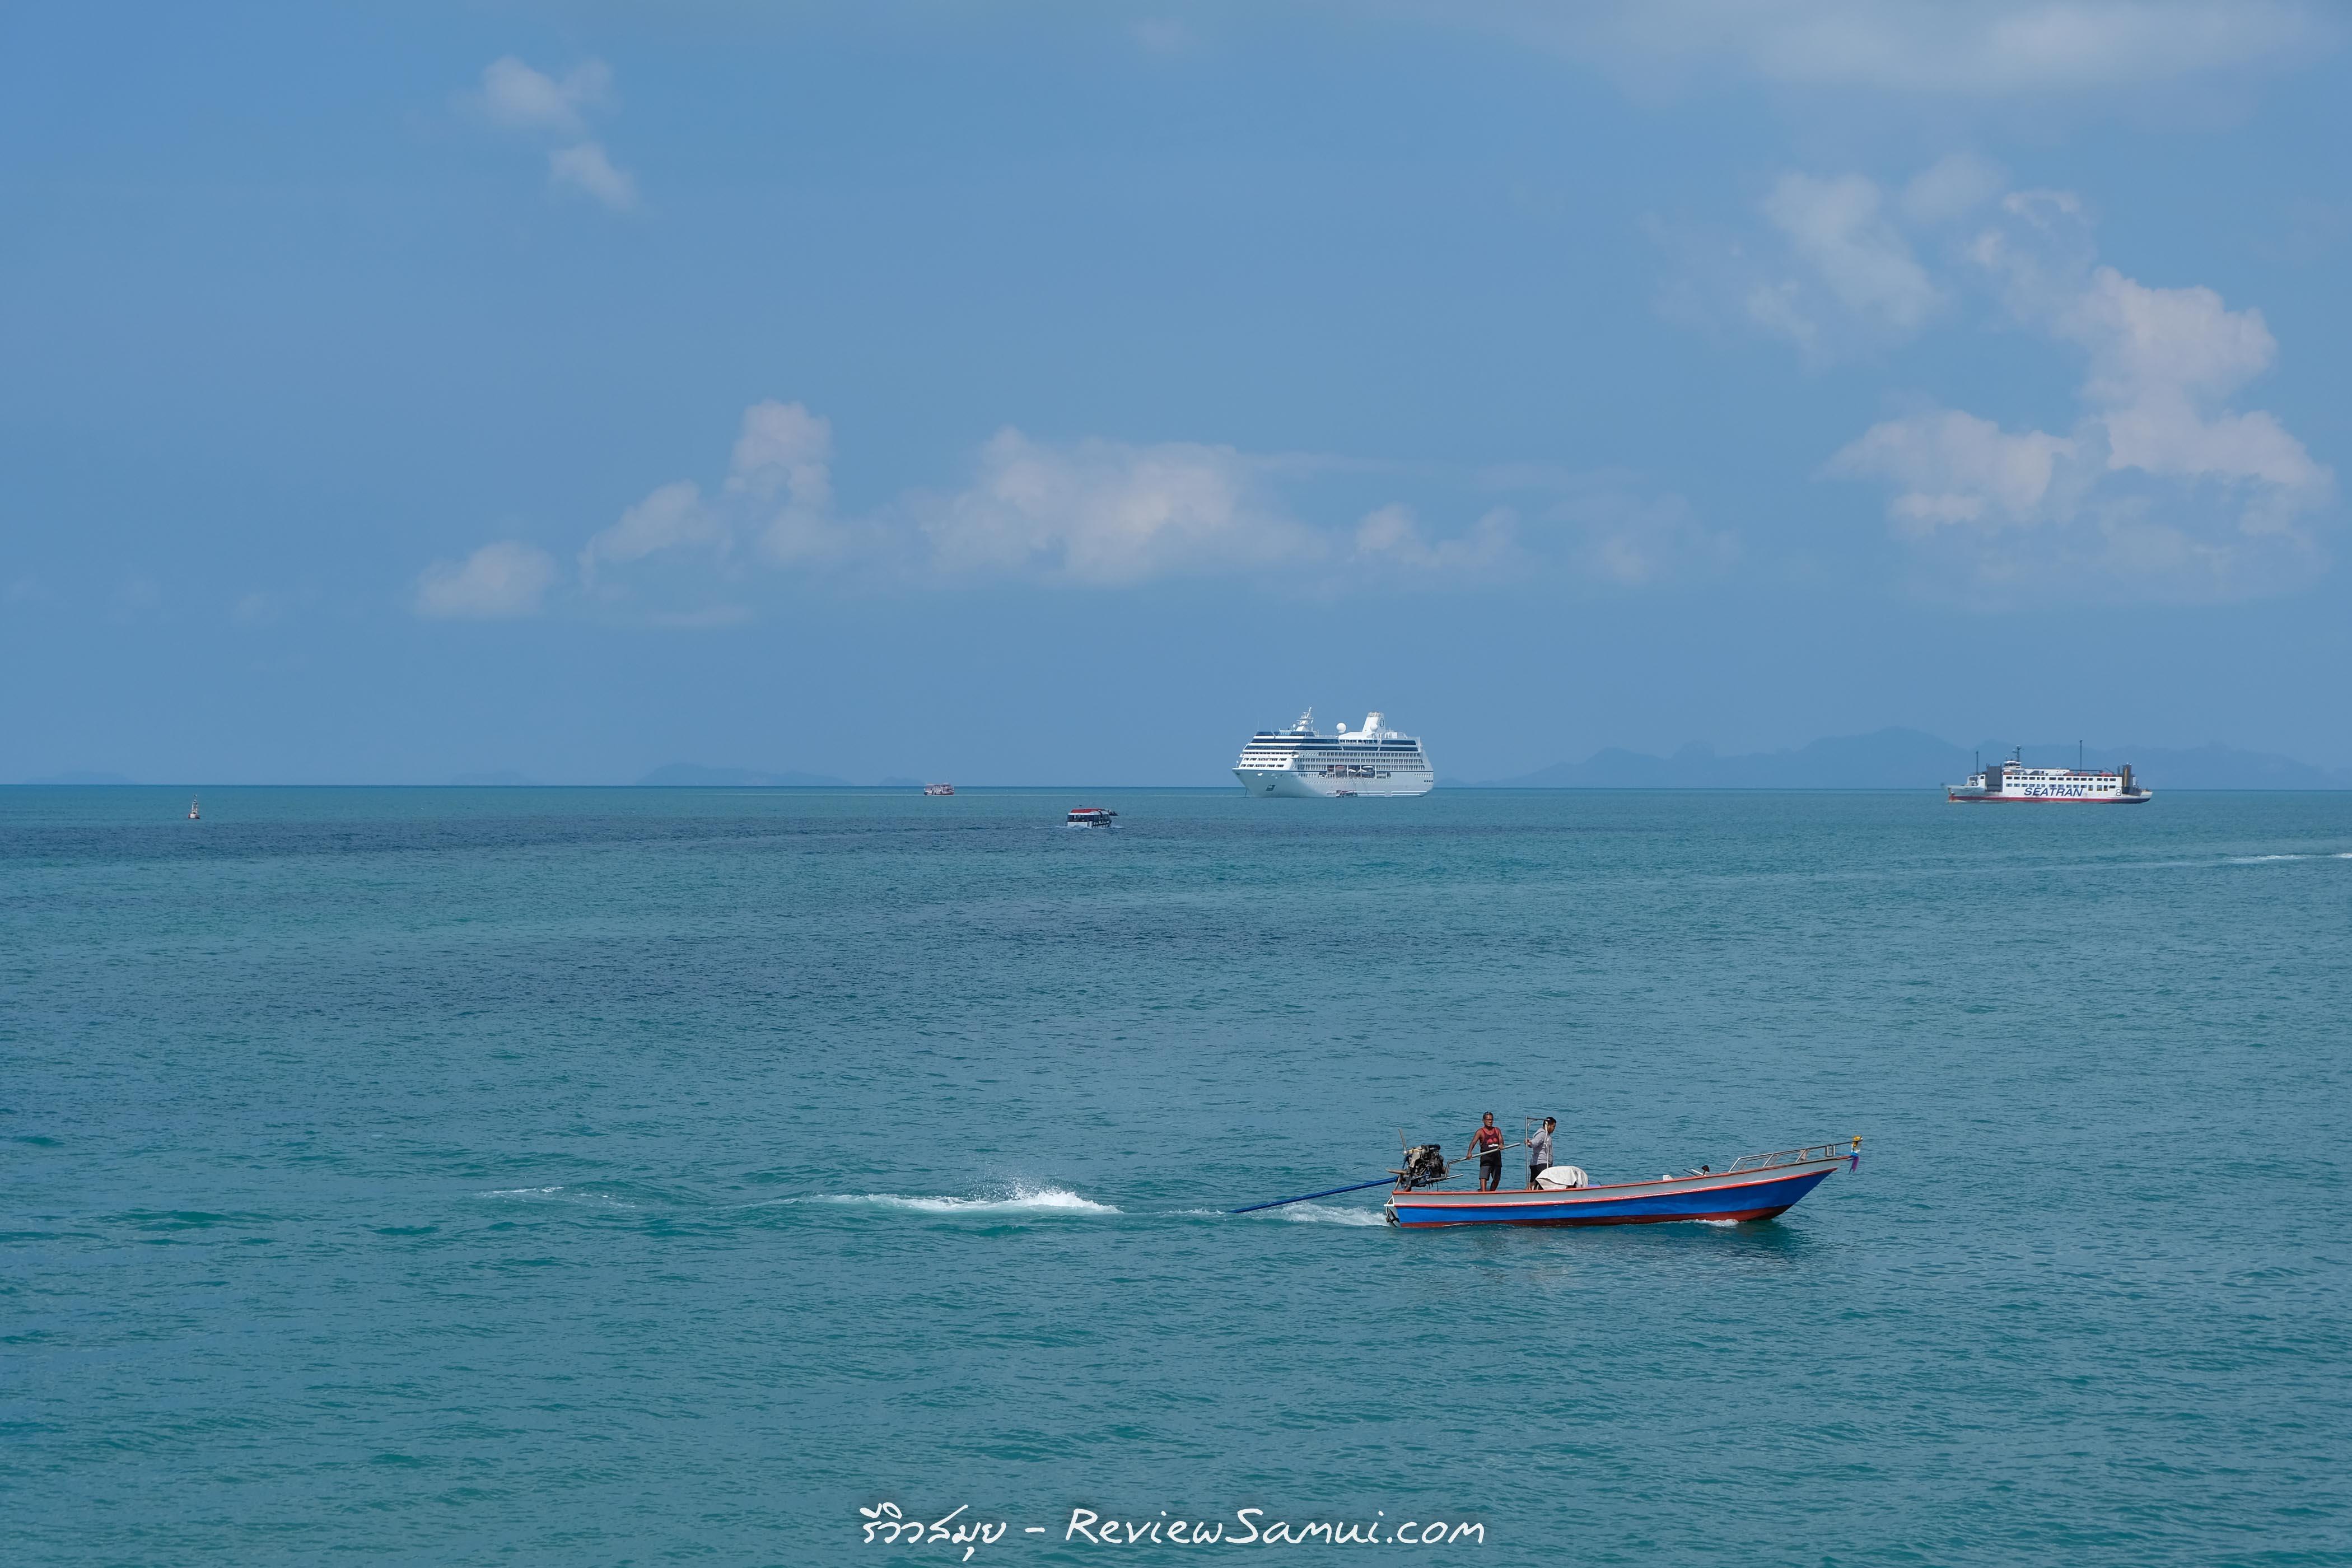 เรือเฟอร์รี่ รีวิวสมุย | Review samui